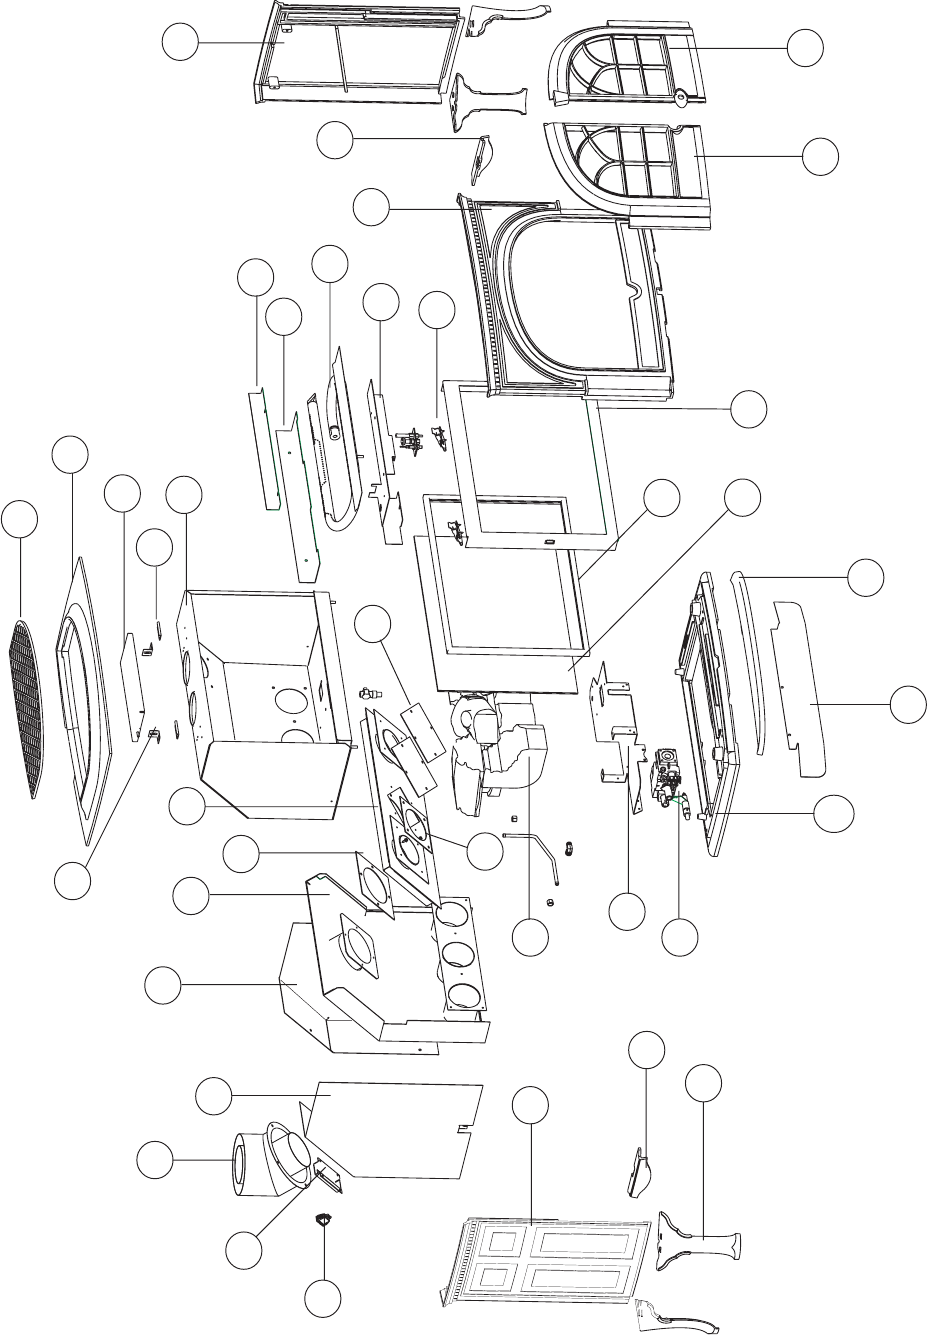 Jotul Gf 600 Dv Firelight Parts Identification